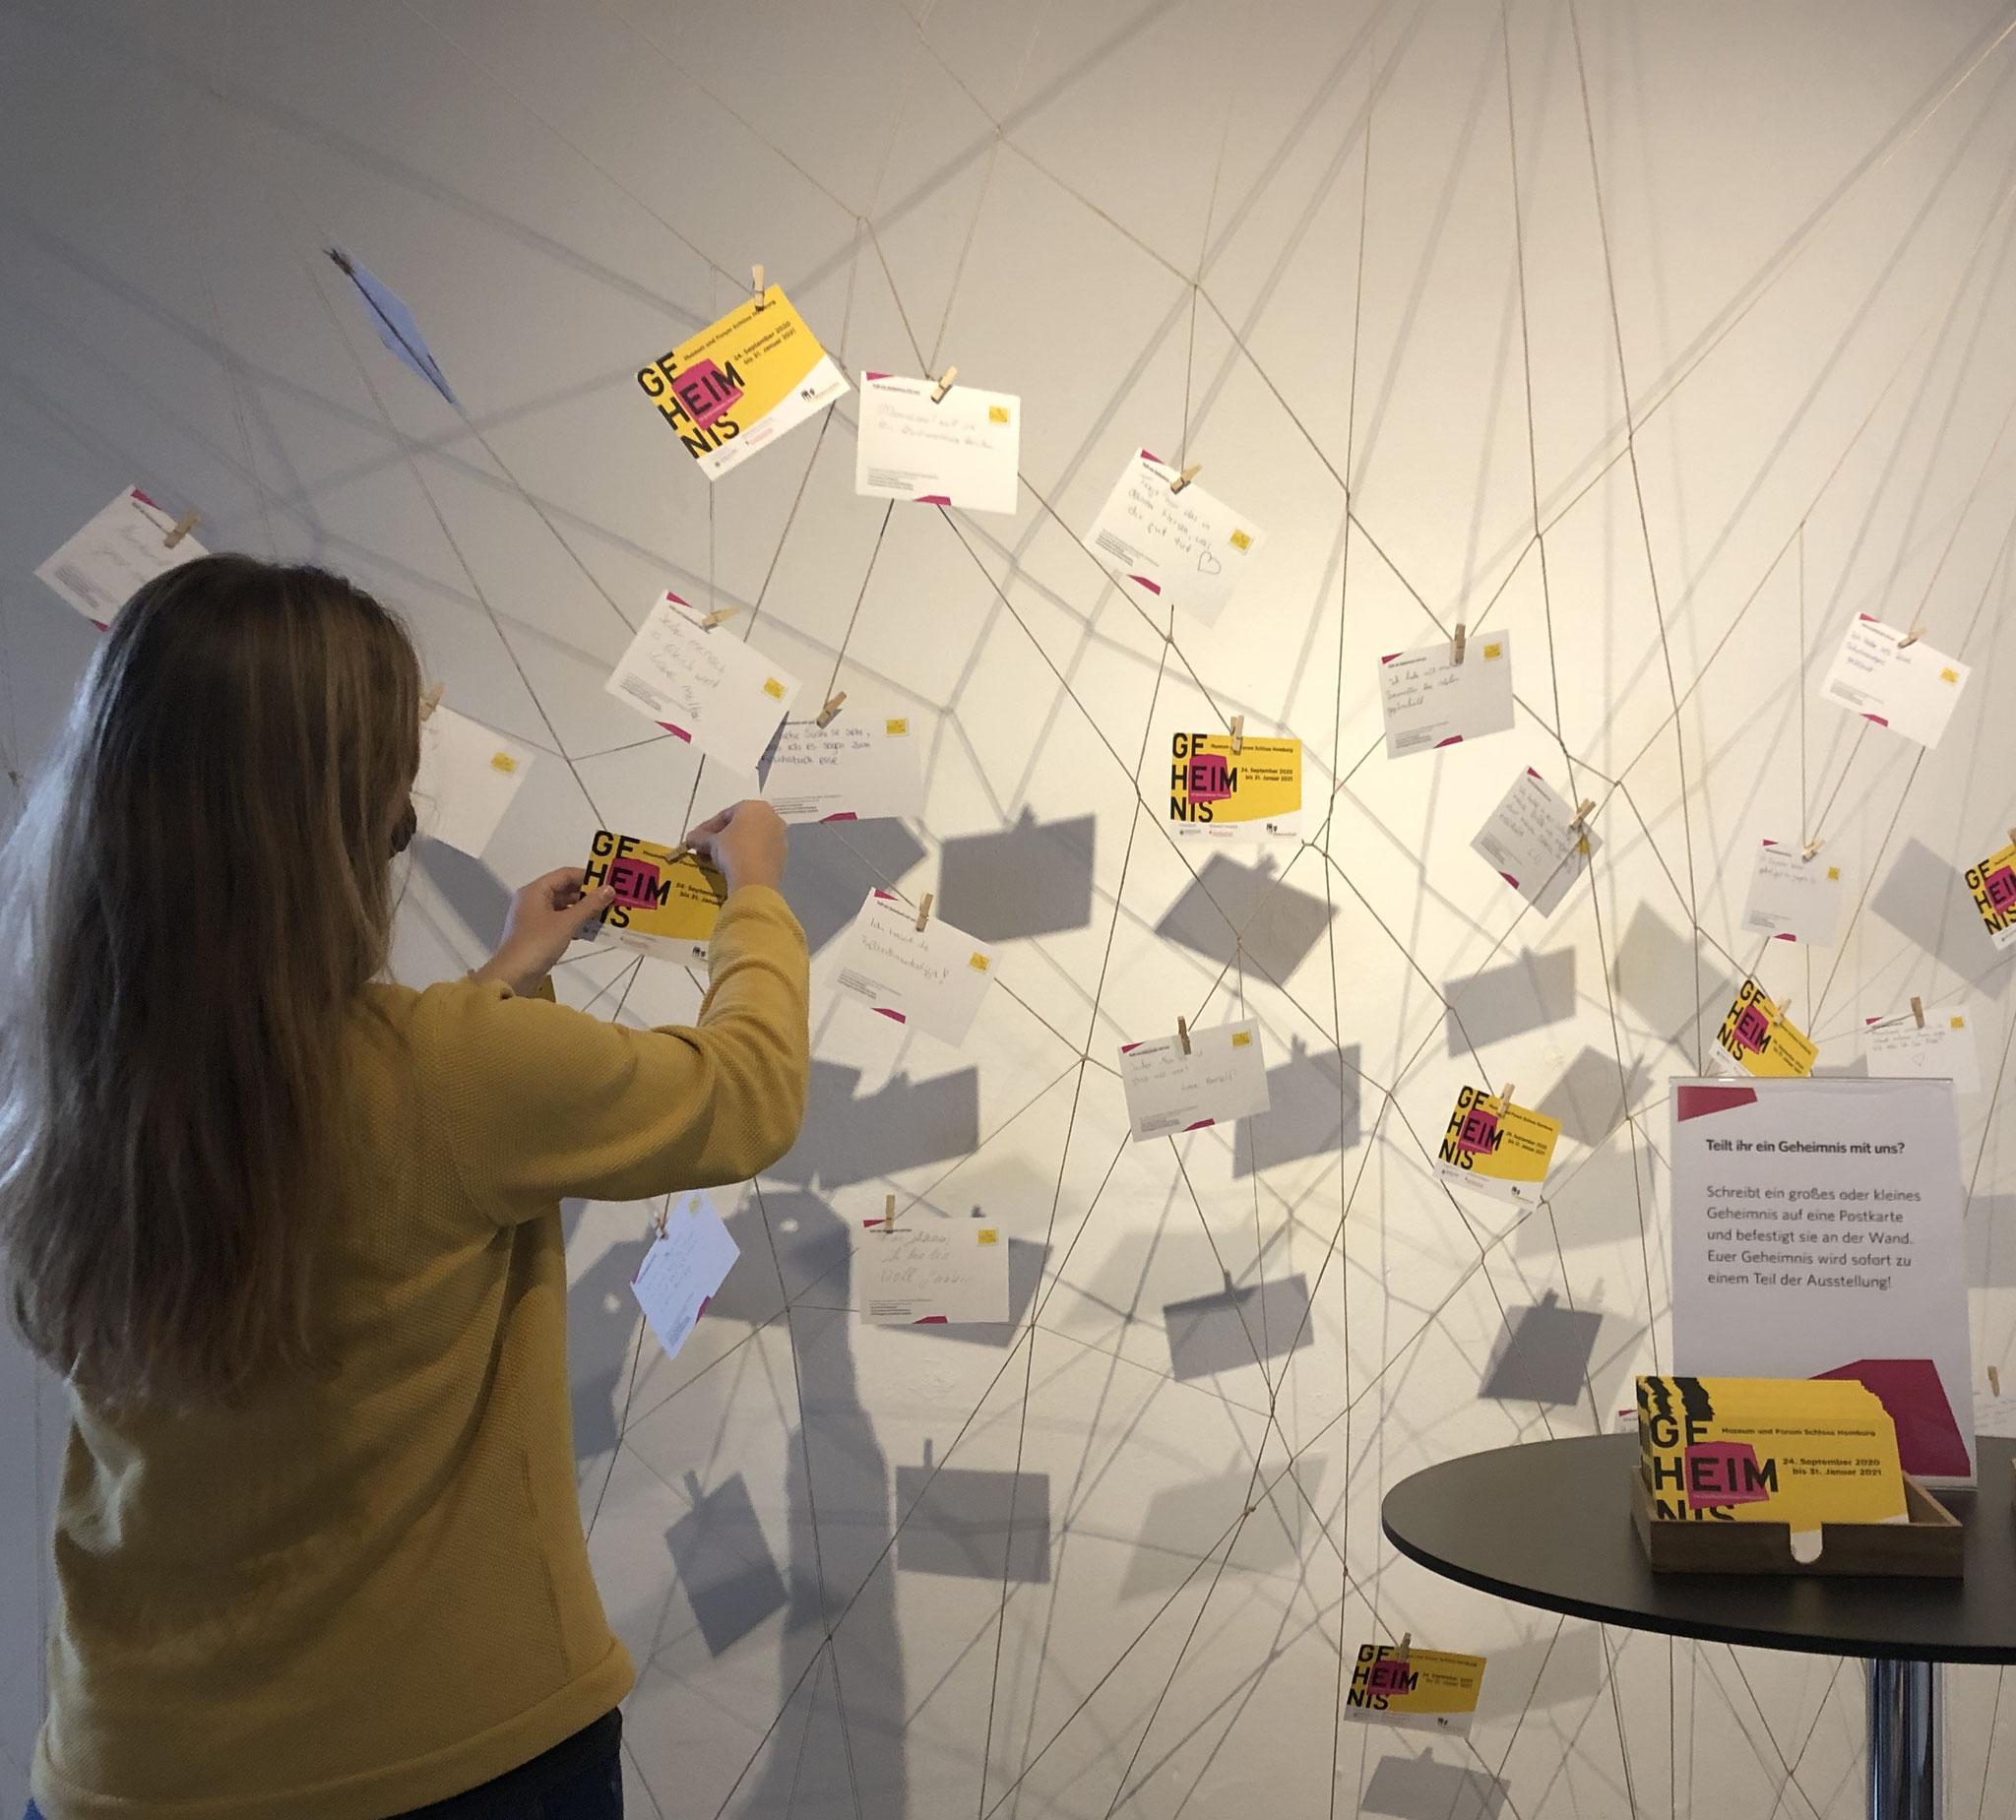 Inszenierung mit Geheimnis-Postkarten in der Ausstellung © Schloss Homburg